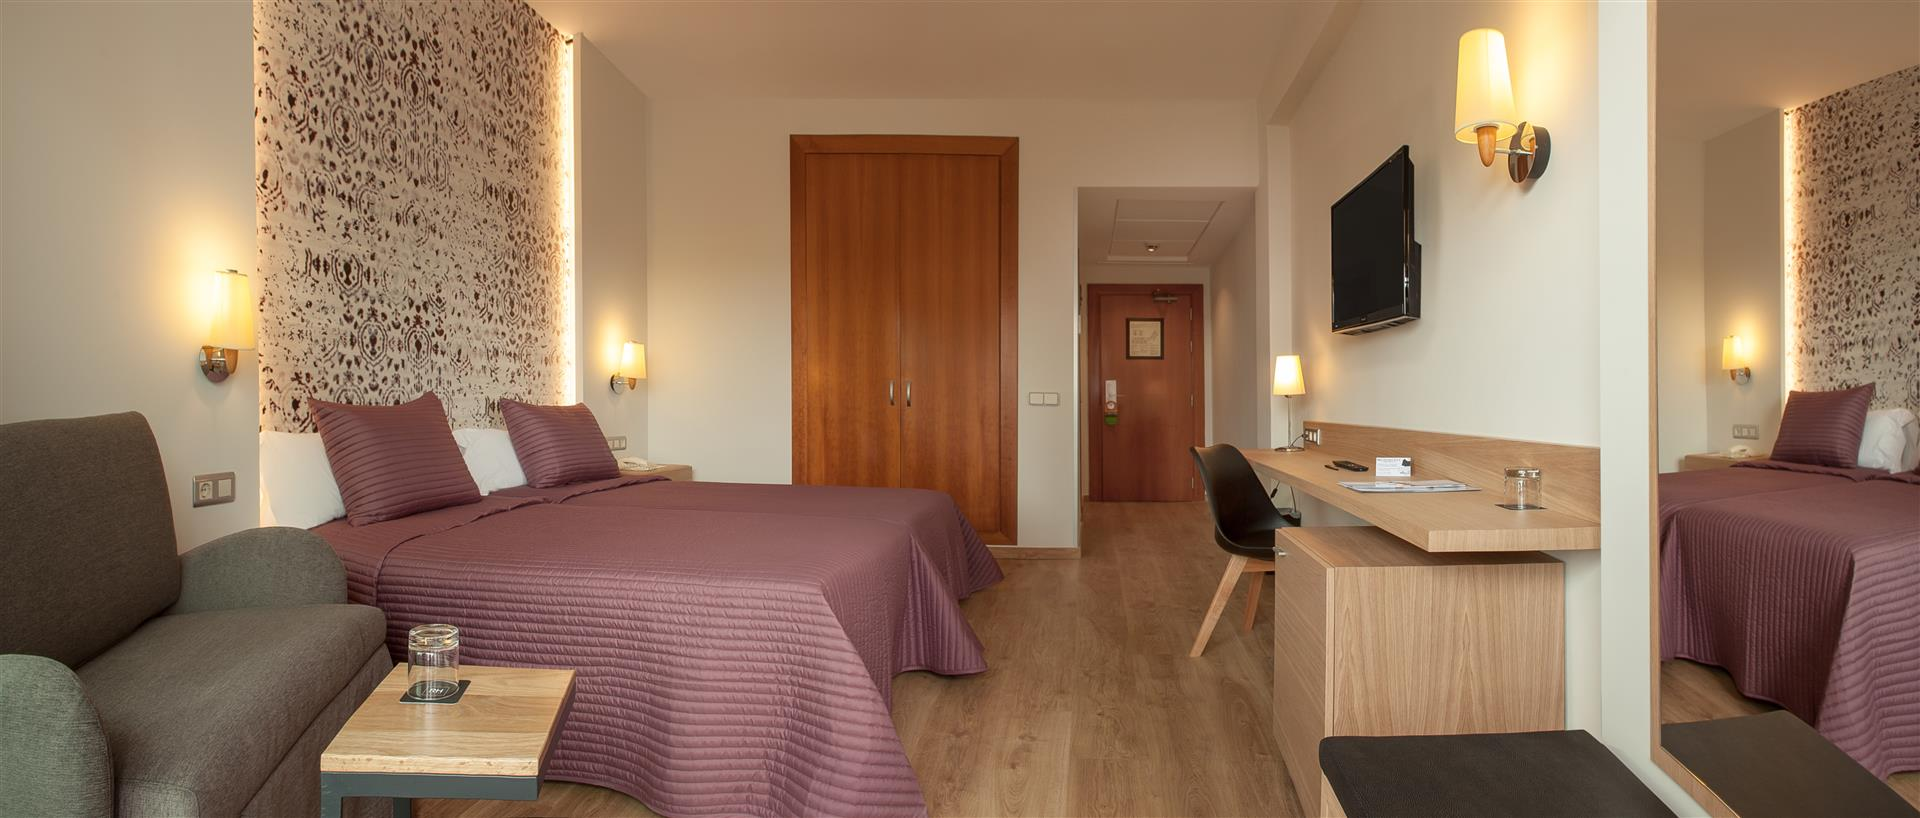 Hotel rh princesa benidorm fotos im genes web oficial for Hoteles con habitaciones familiares en benidorm